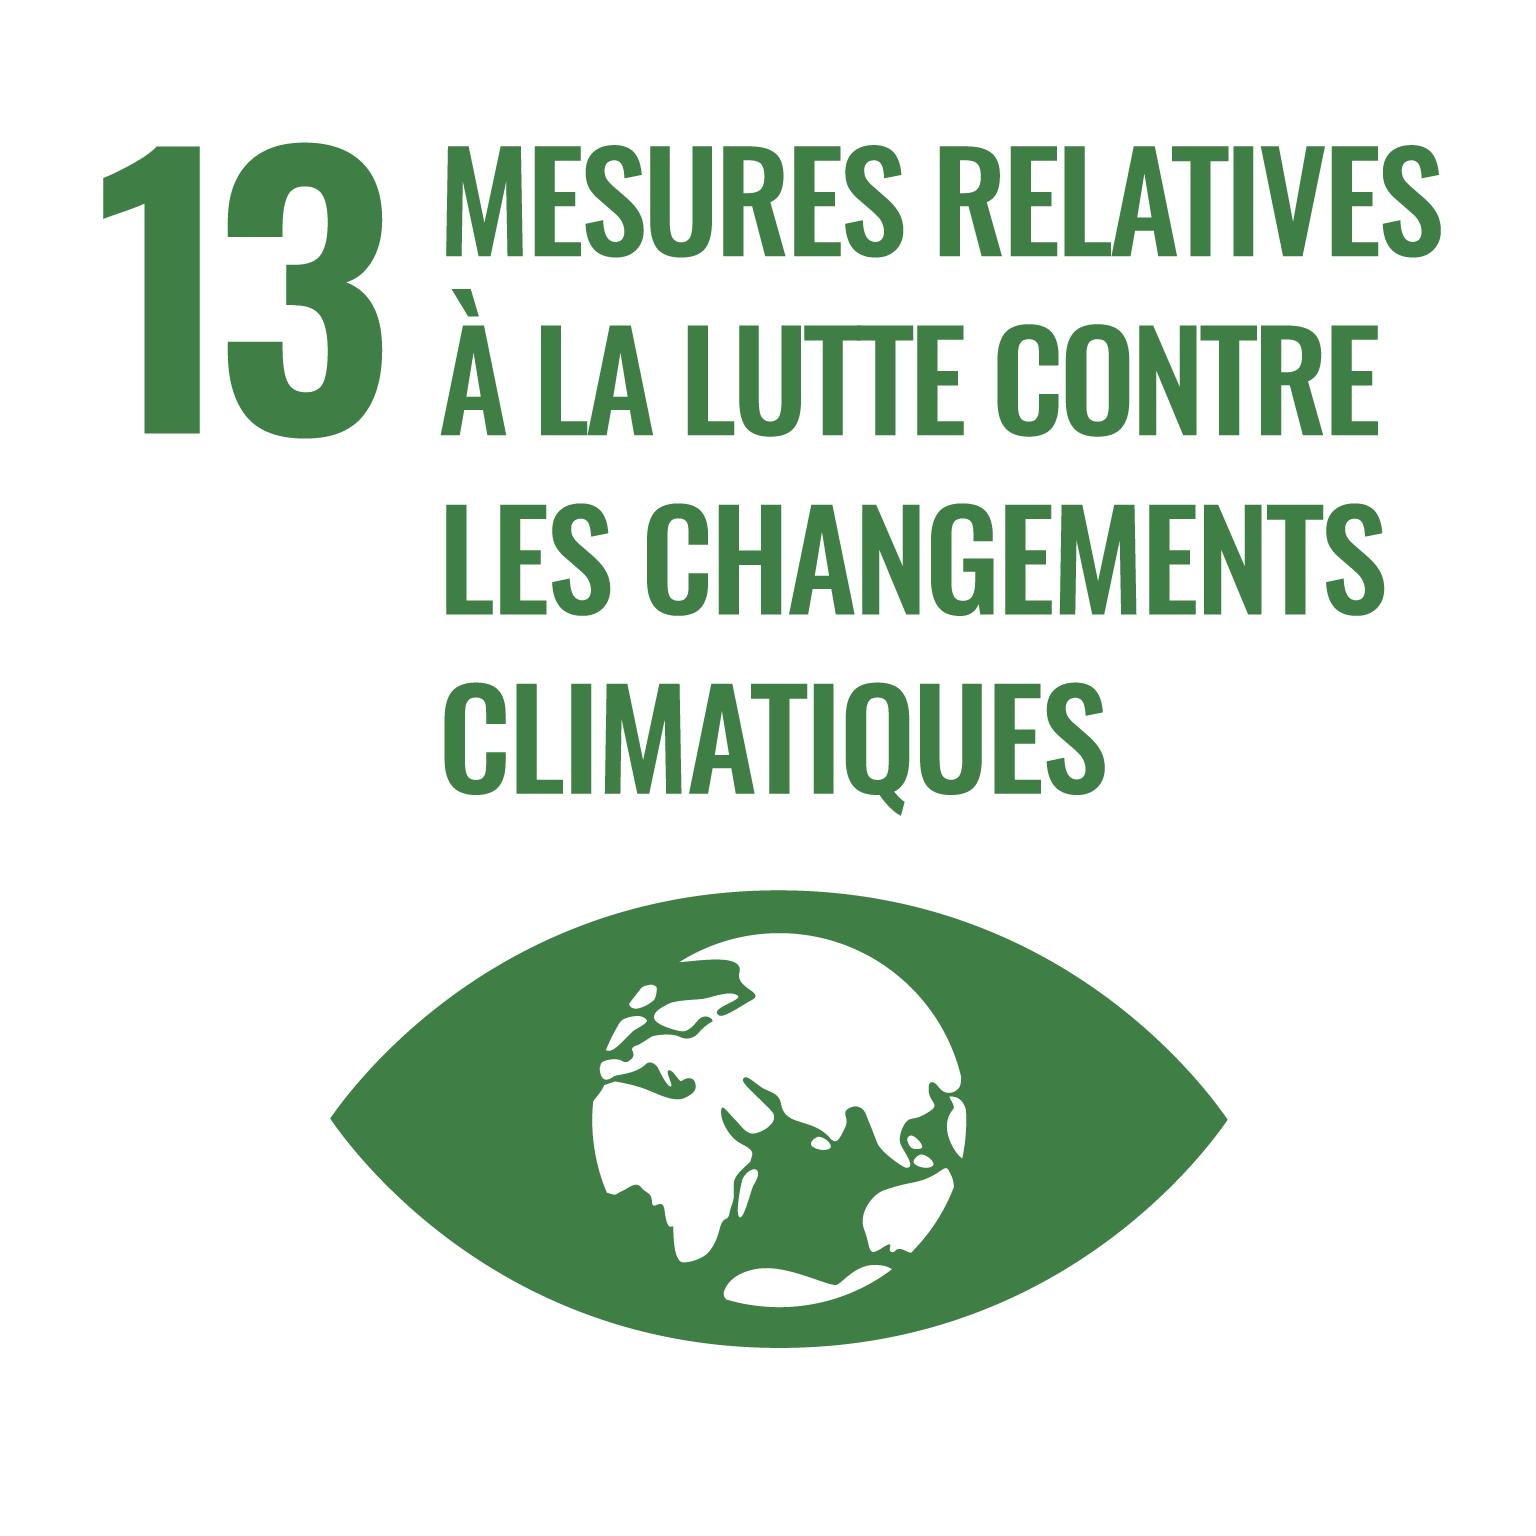 mesures relatives à la lutte contres les changements climatiques.